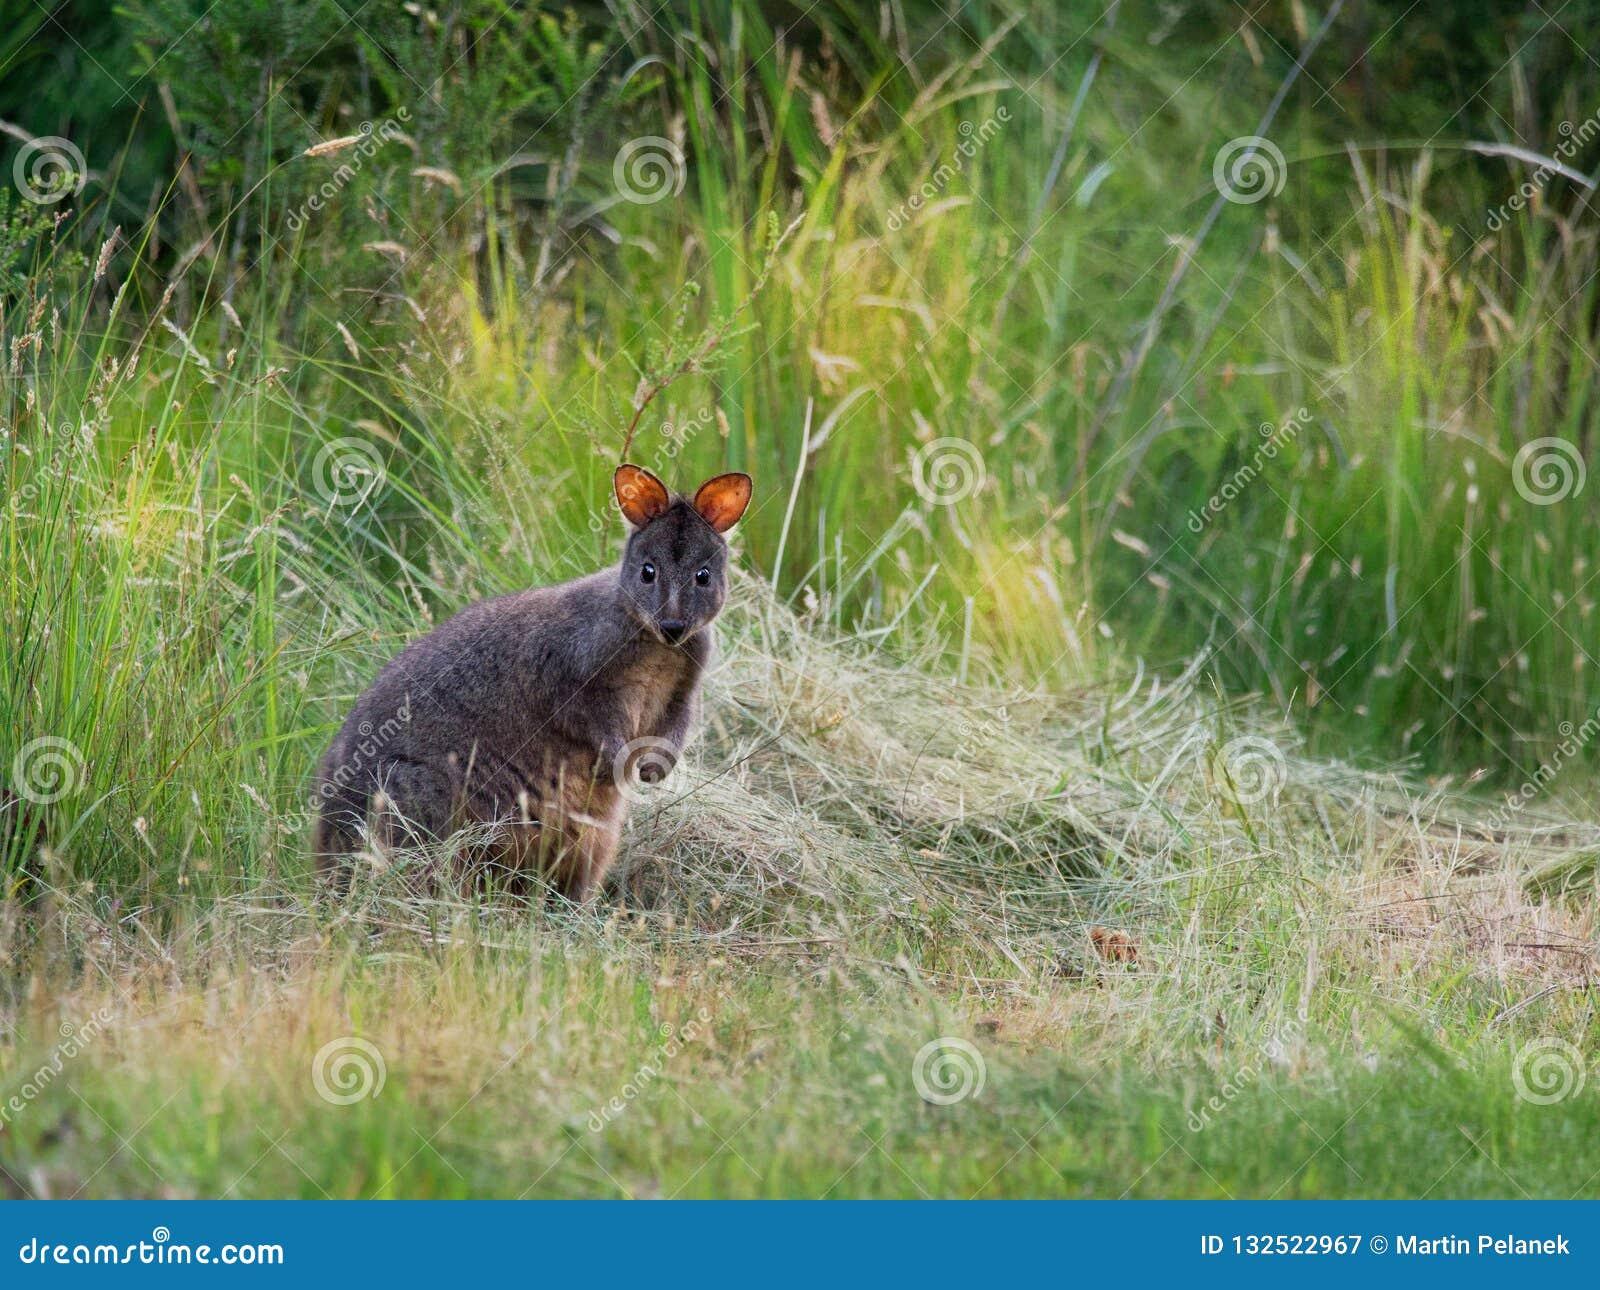 Thylogale billardierii - Tasmanian Pademelon known as the rufous-bellied pademelon or red-bellied pademelon